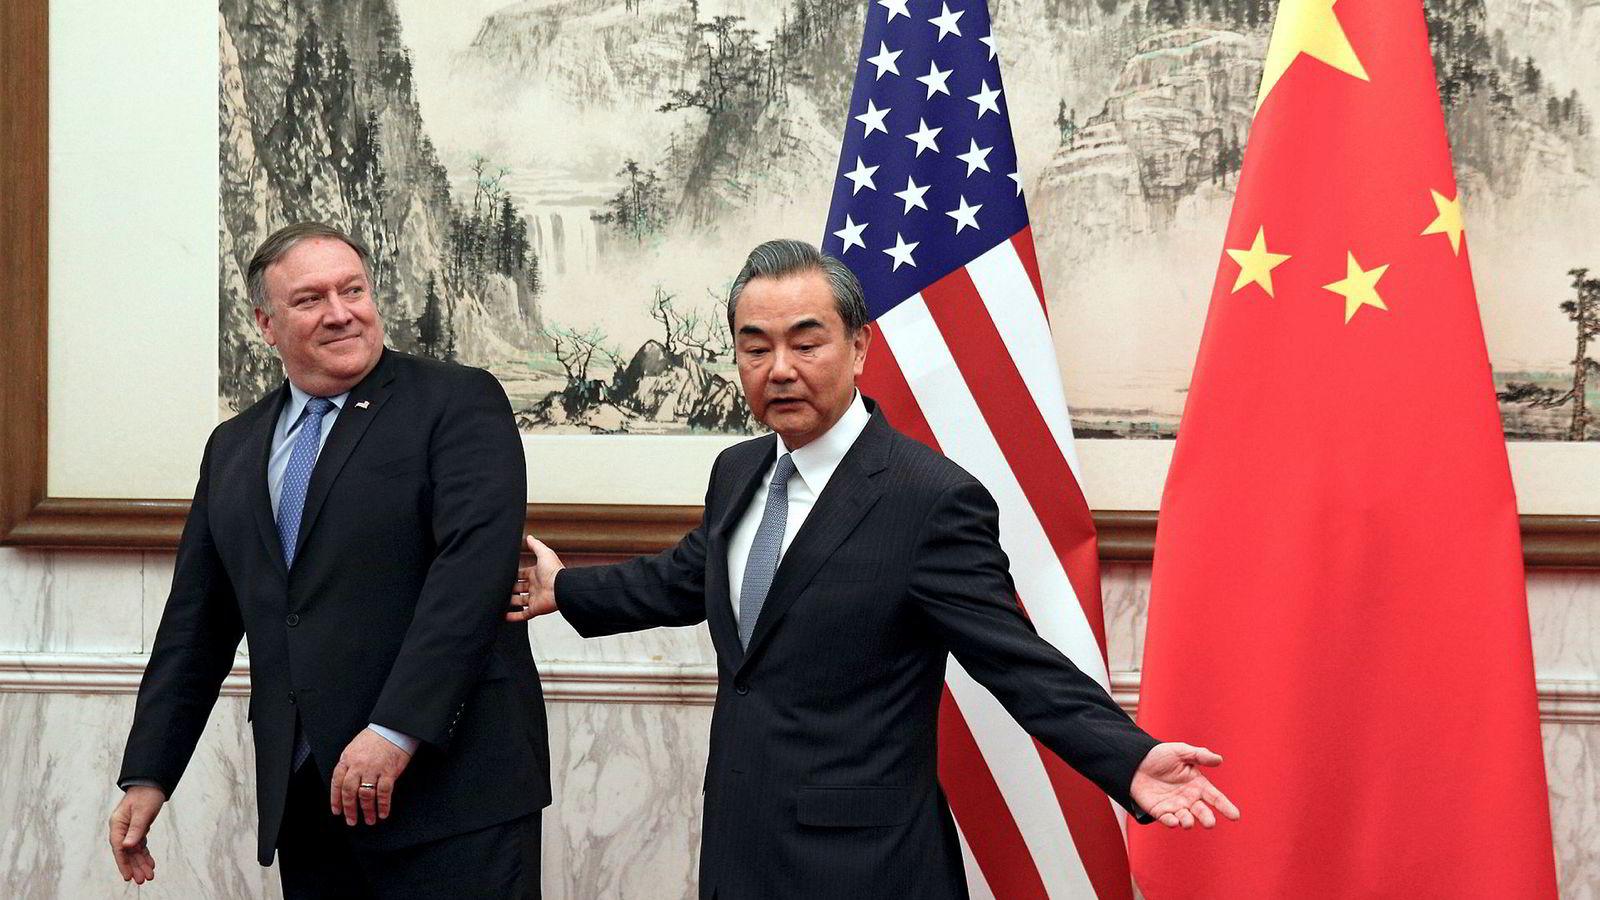 USAs utenriksminister Mike Pompeo har vært på en rundreise i Latin-Amerika. Han advarte mot Kinas økende innflytelse i regionen, som har behov for kapital til investeringer i blant annet infrastruktur.